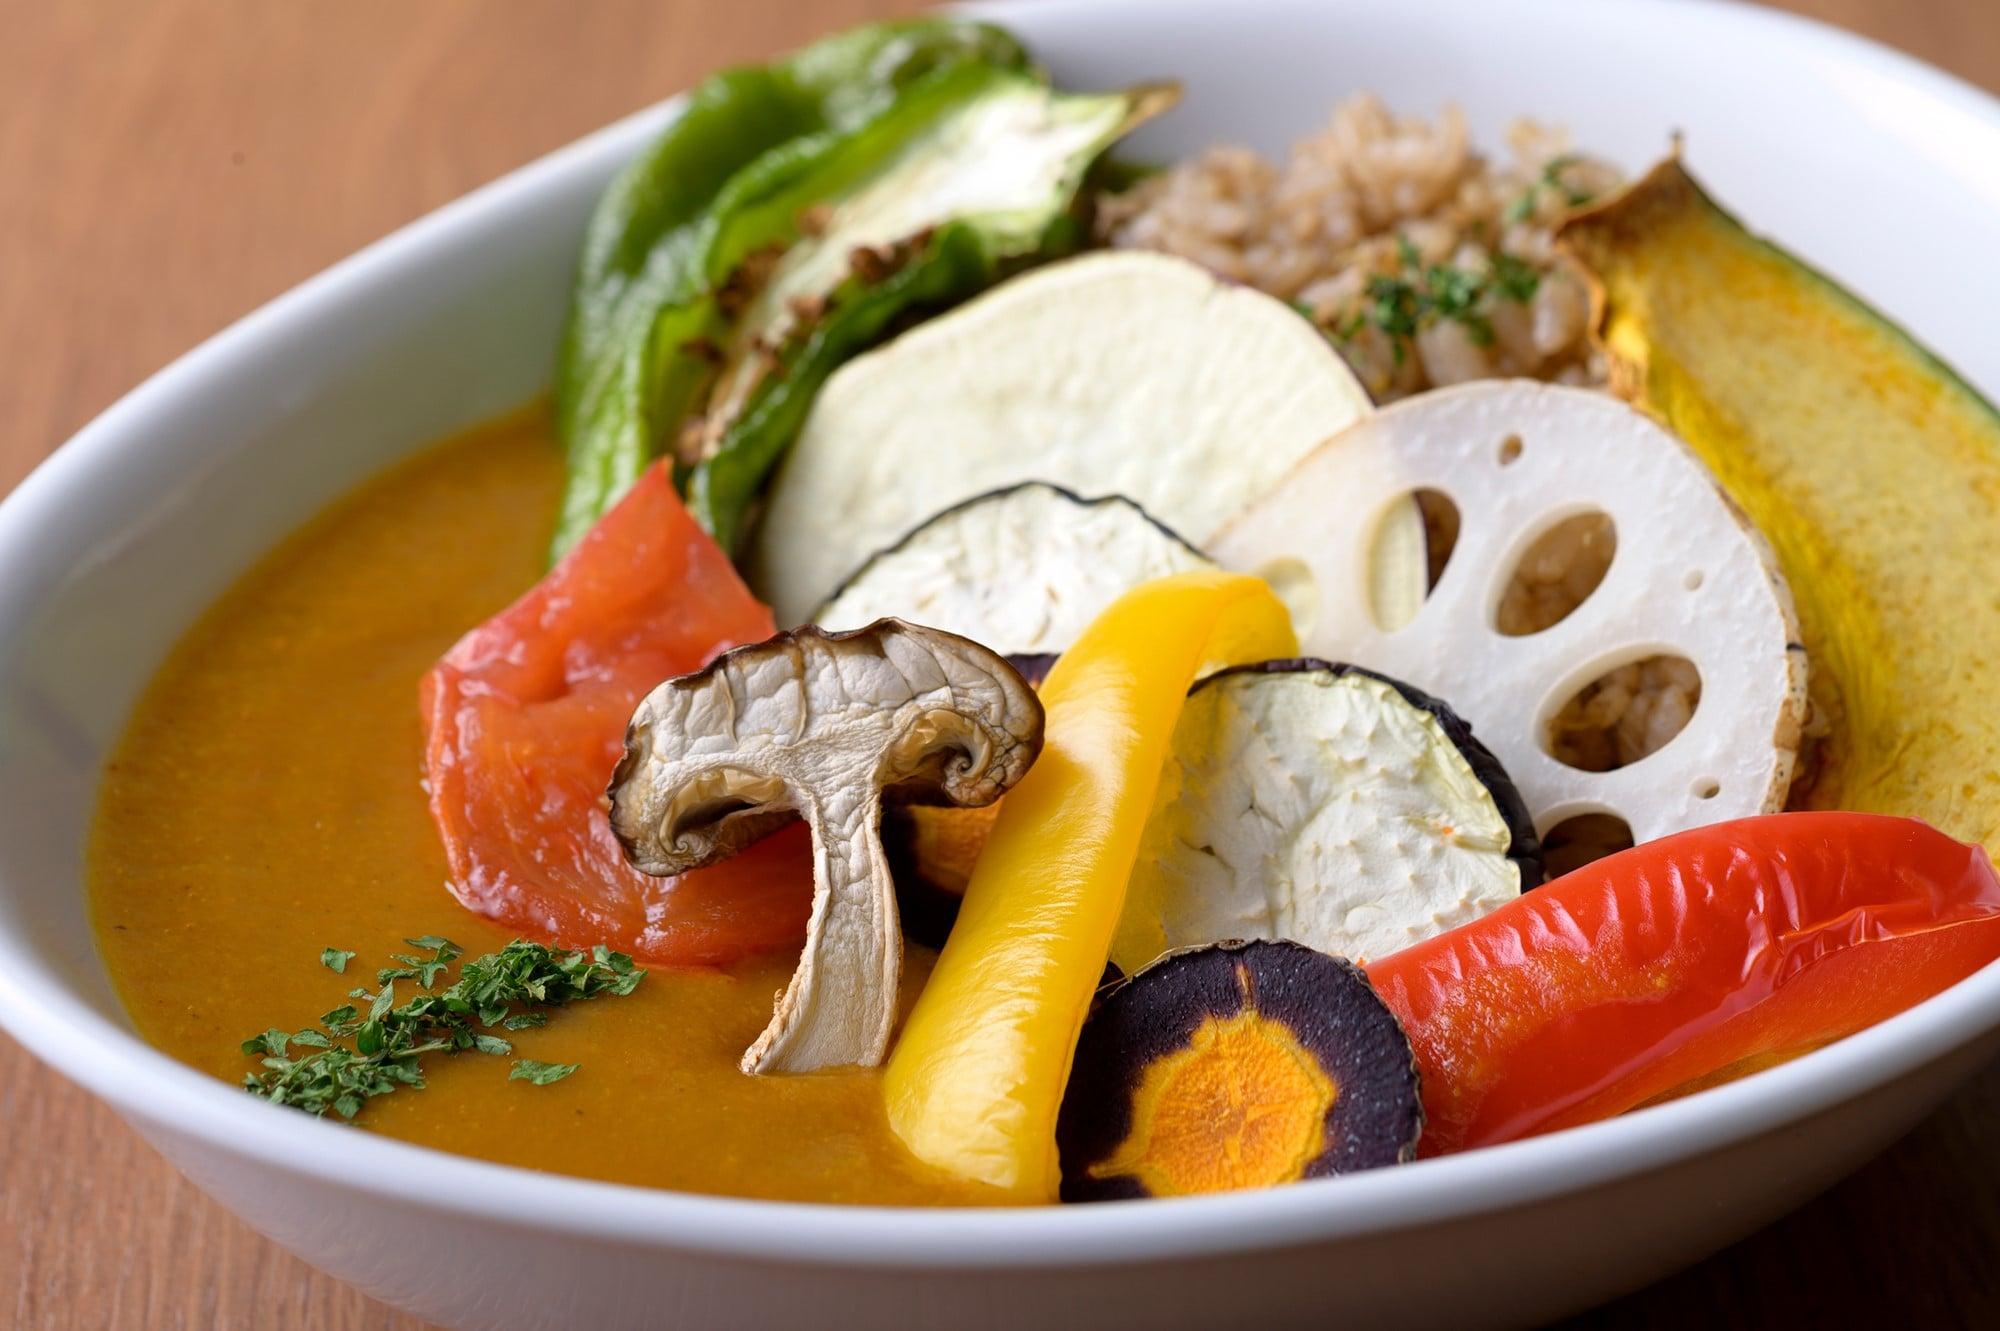 約10種類の素焼き野菜がトッピングされ、18種類の野菜がルーに溶け込んだカレー。